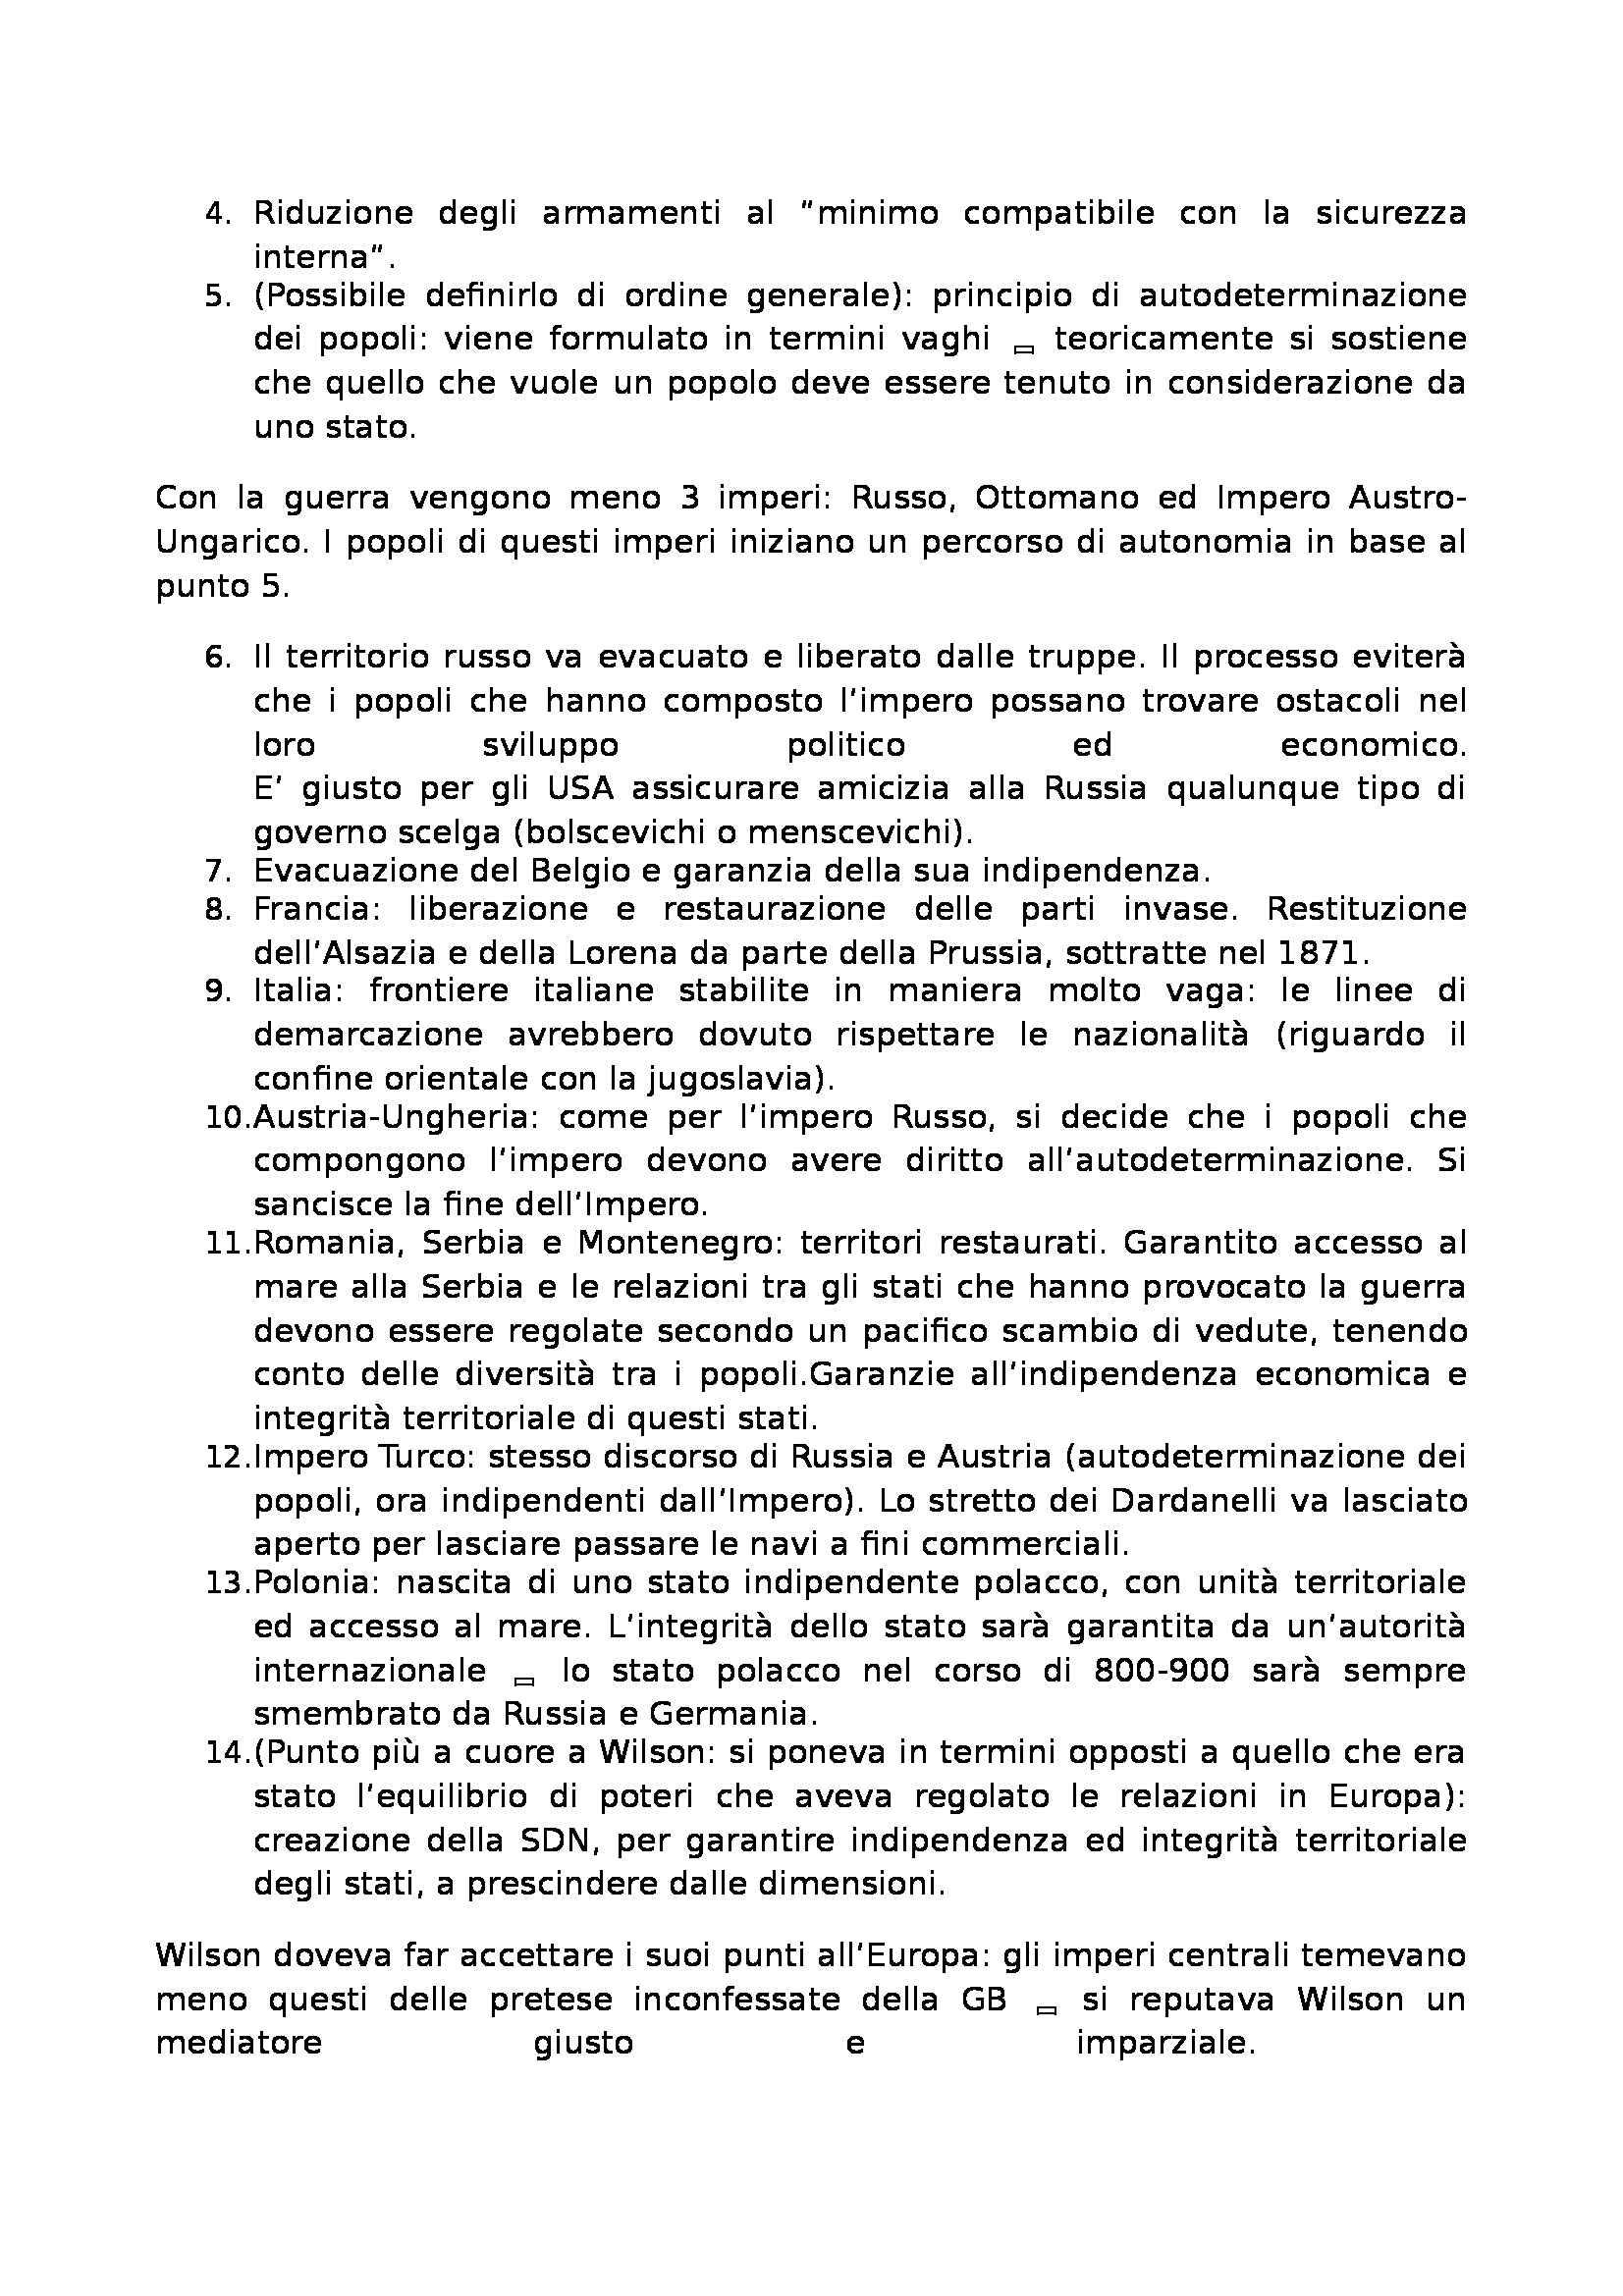 Laboratorio di storia delle relazioni euro atlantiche - Appunti Pag. 16